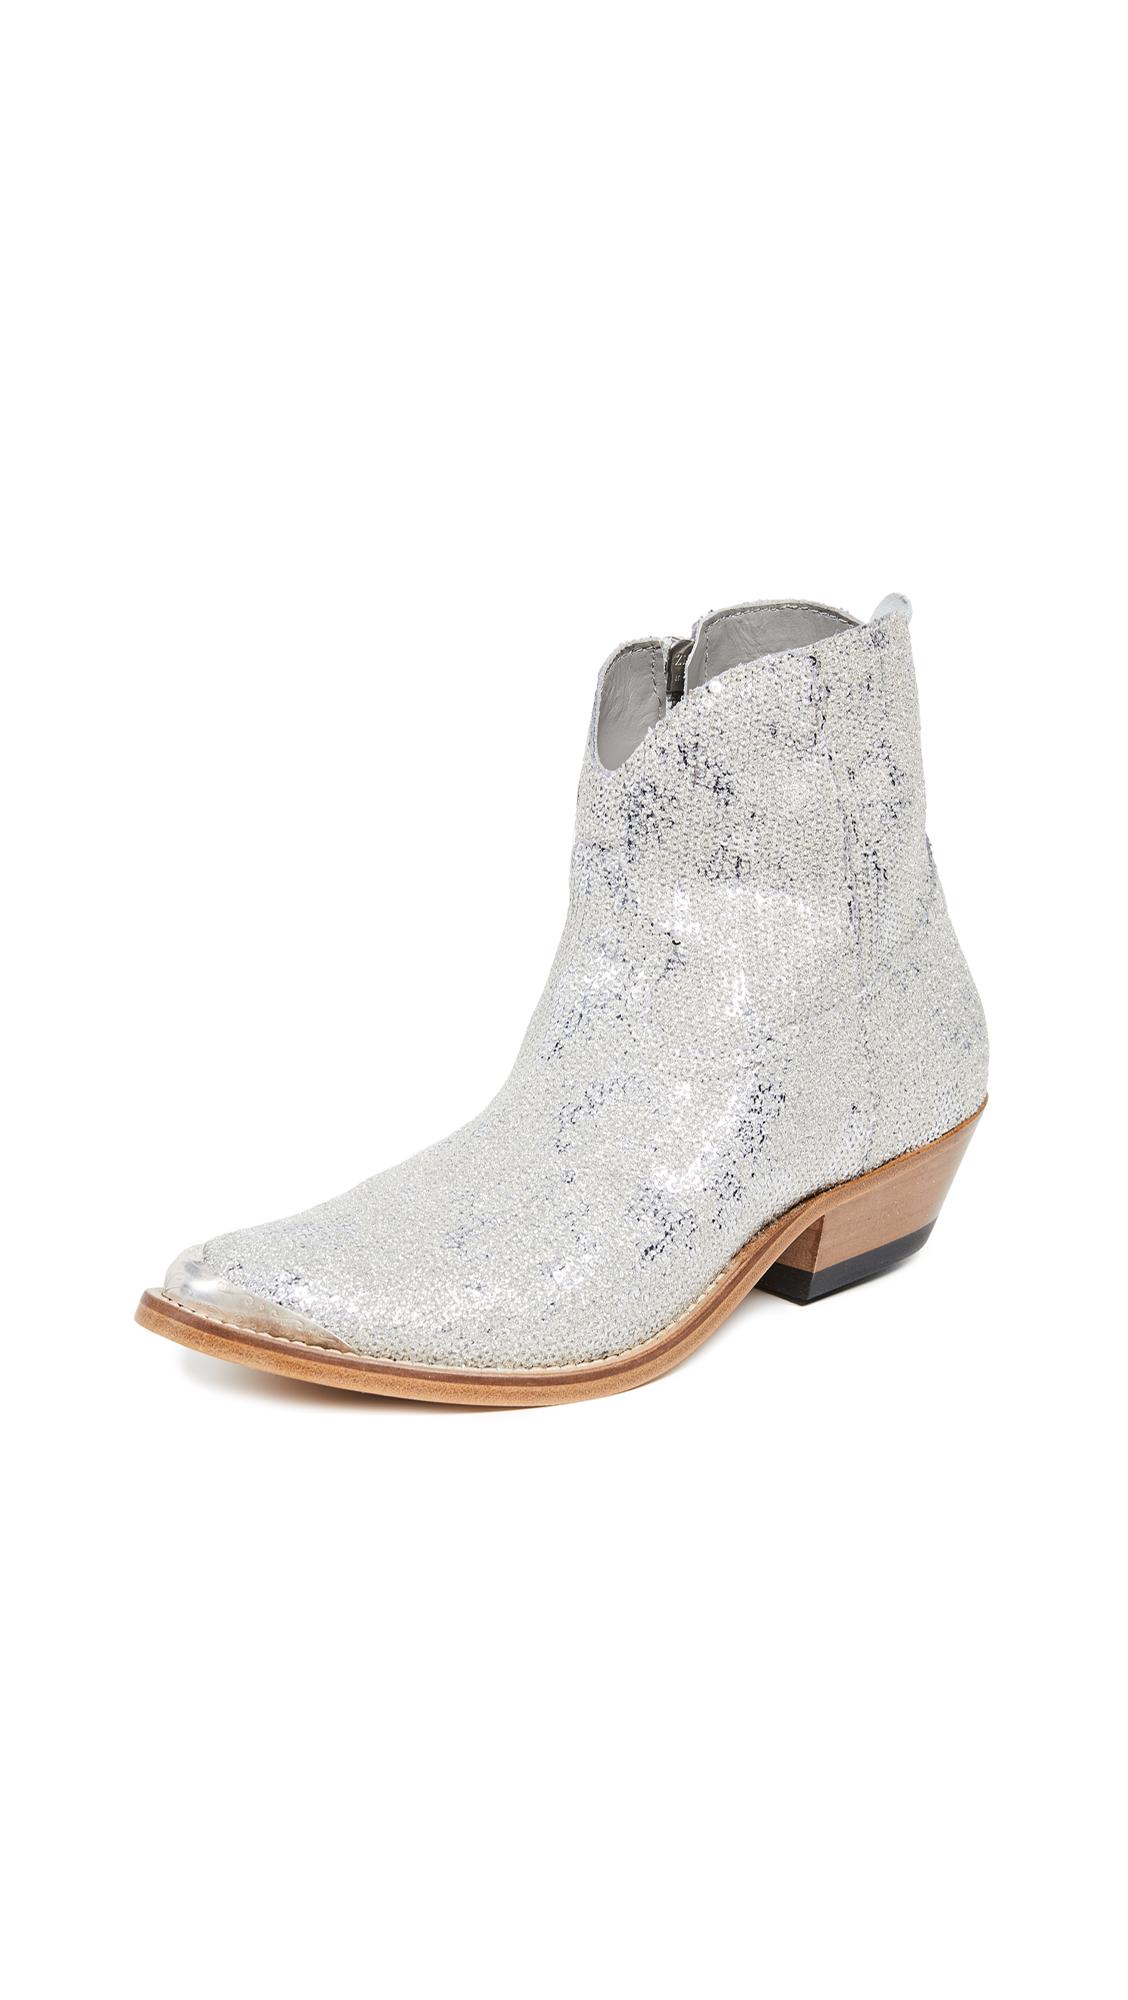 Buy Golden Goose Young Boots online, shop Golden Goose